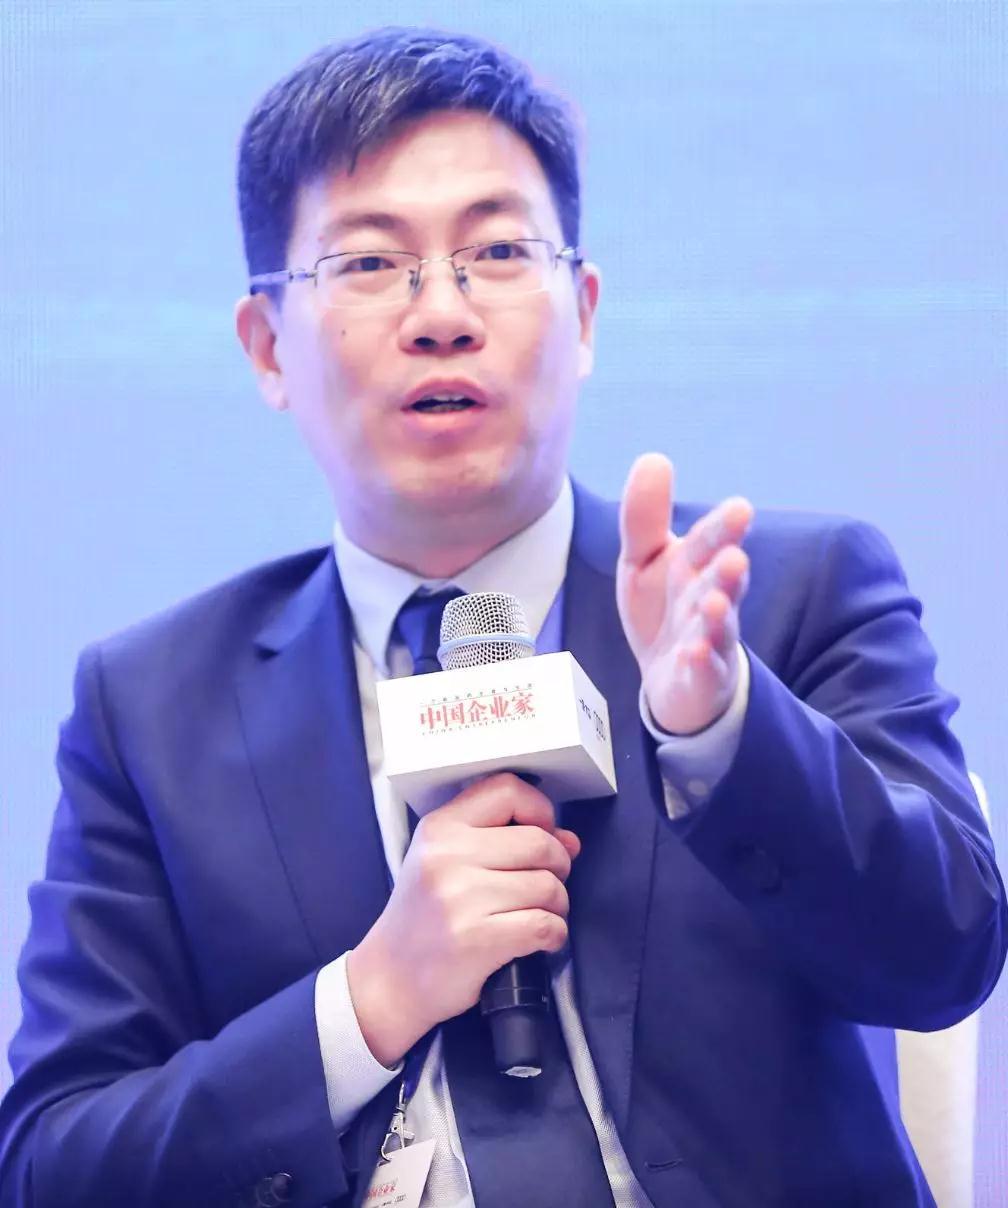 中国人民大学财政金融学院副院长谭松涛。